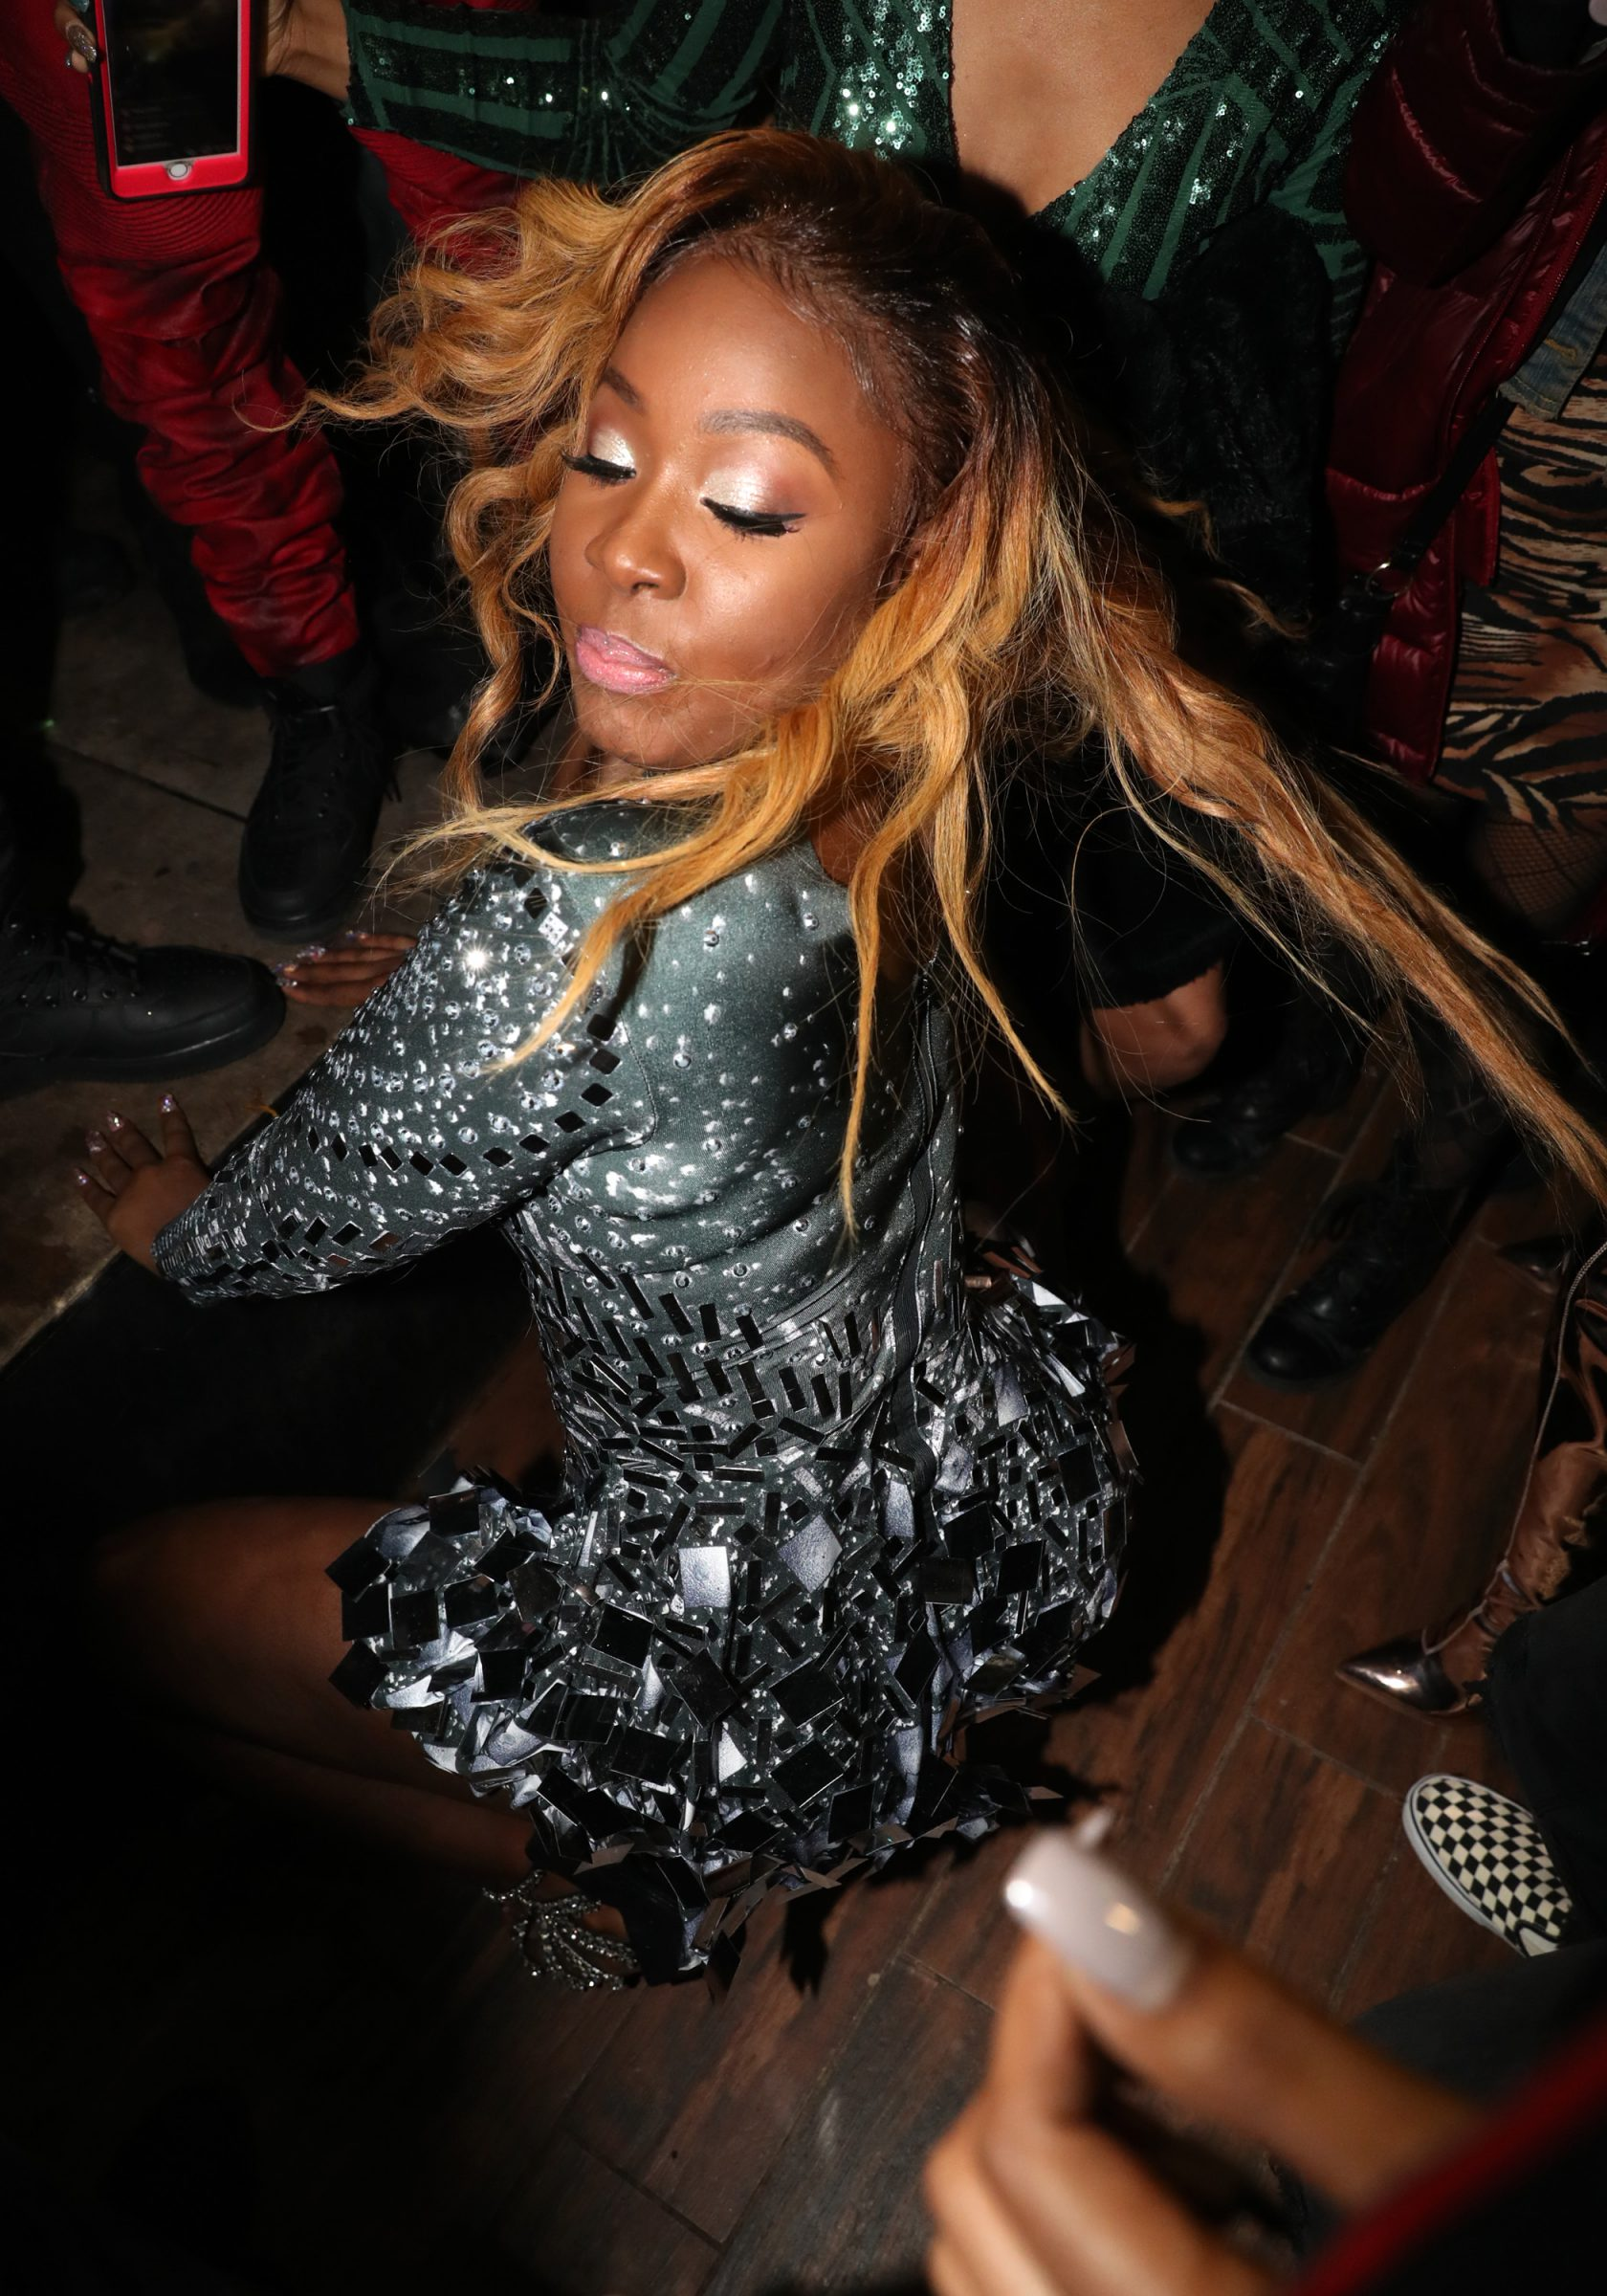 Bianca Bonnie's '10 Plus' Album Release Party